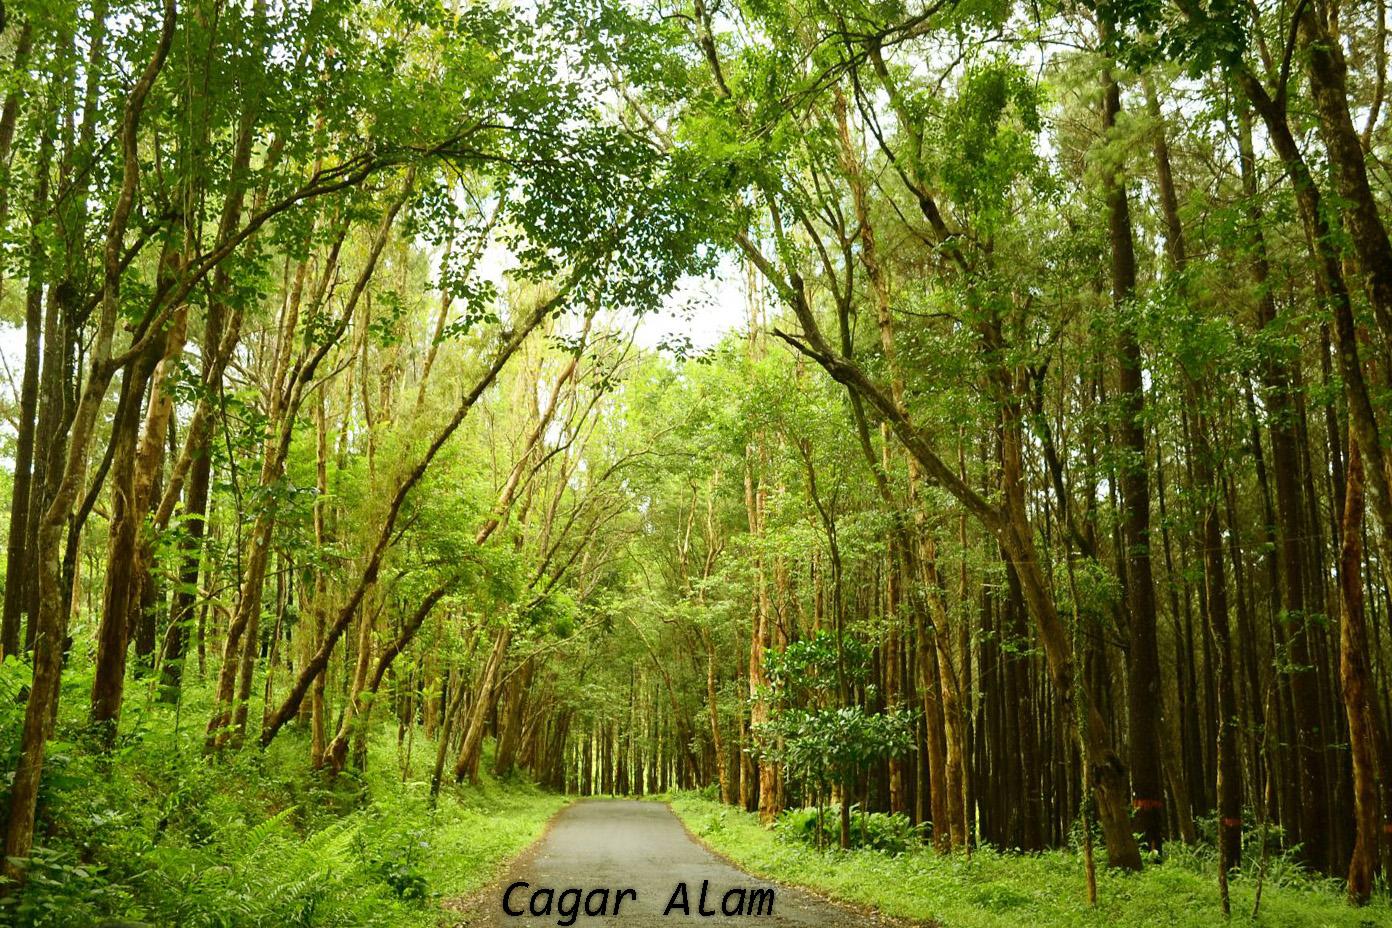 Pengertian Cagar Alam, Suaka Margasatwa, Taman Wisata Alam ...